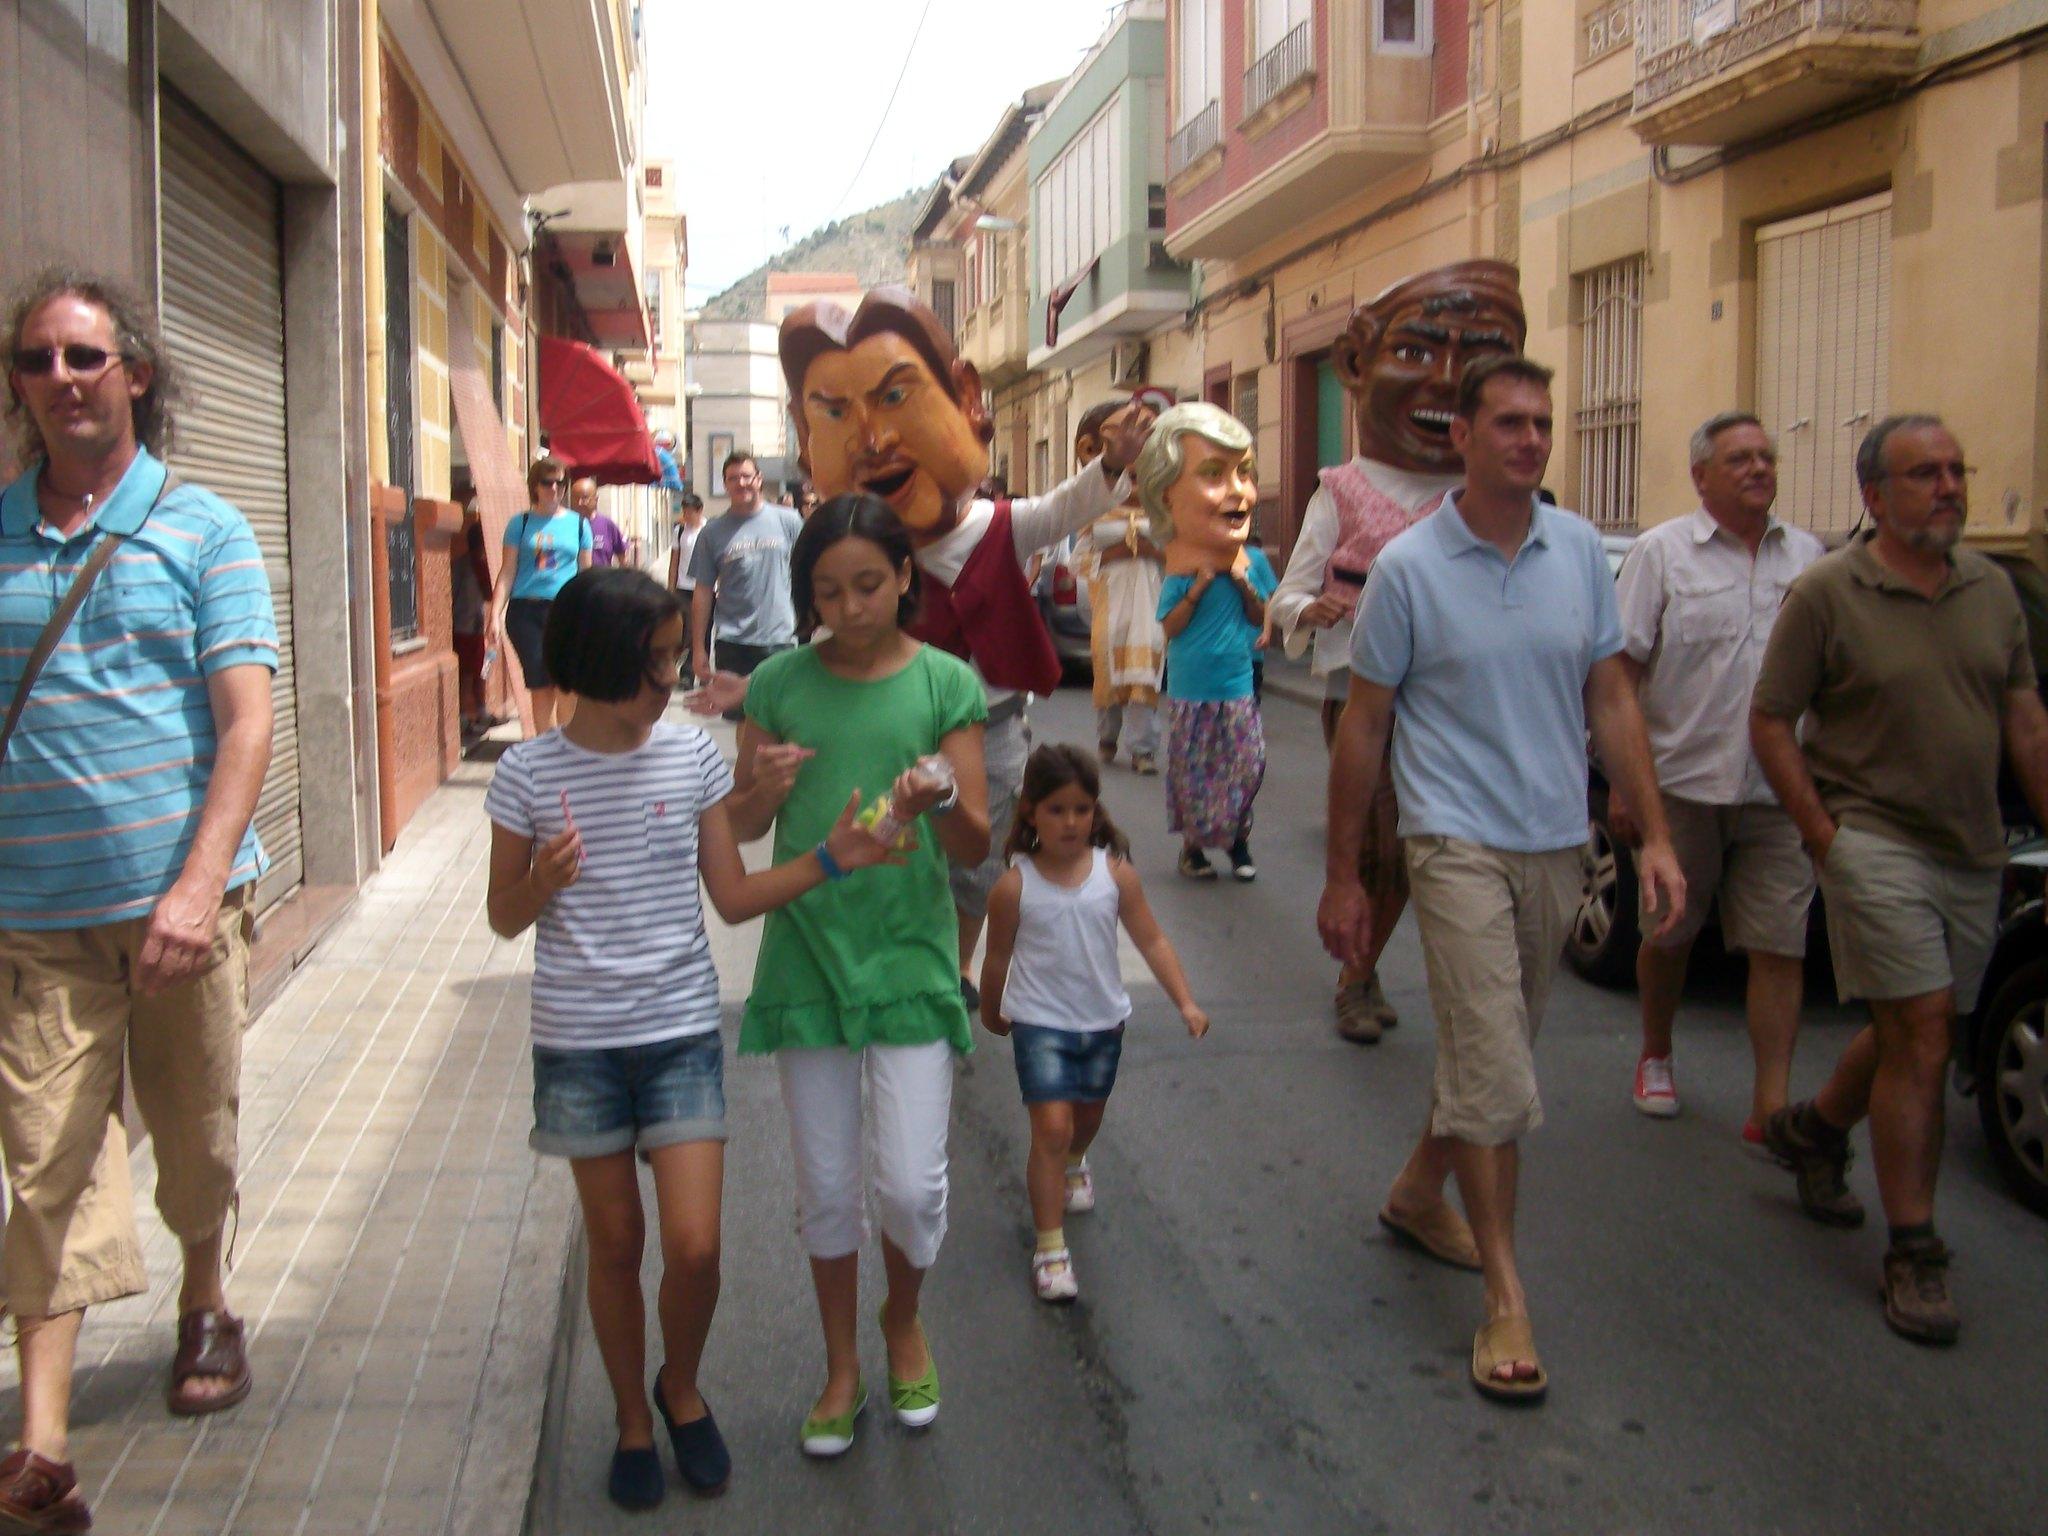 (2010-07-04) - Pasacalle Gent de Nanos - José Vicente Romero Ripoll -  (10)